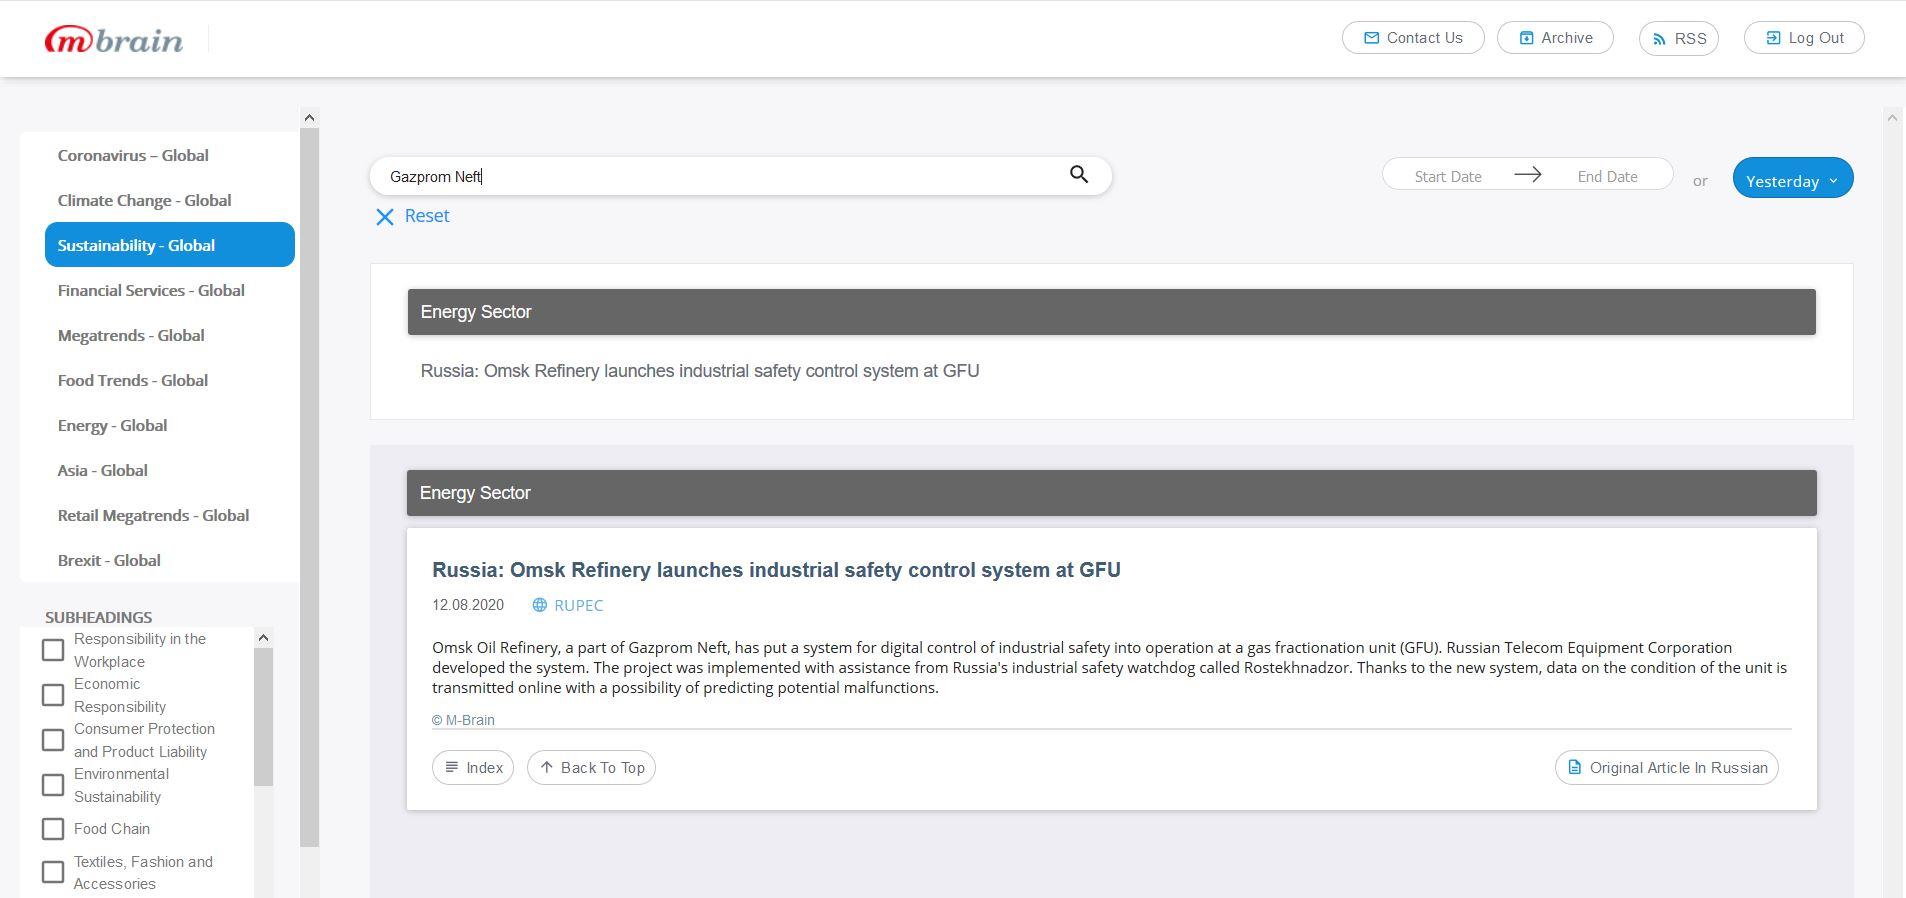 Поиск сообщений с упоминанием компании (ключевого слово) в выбранной теме в онлайн-сервисе Industry Insights Portal